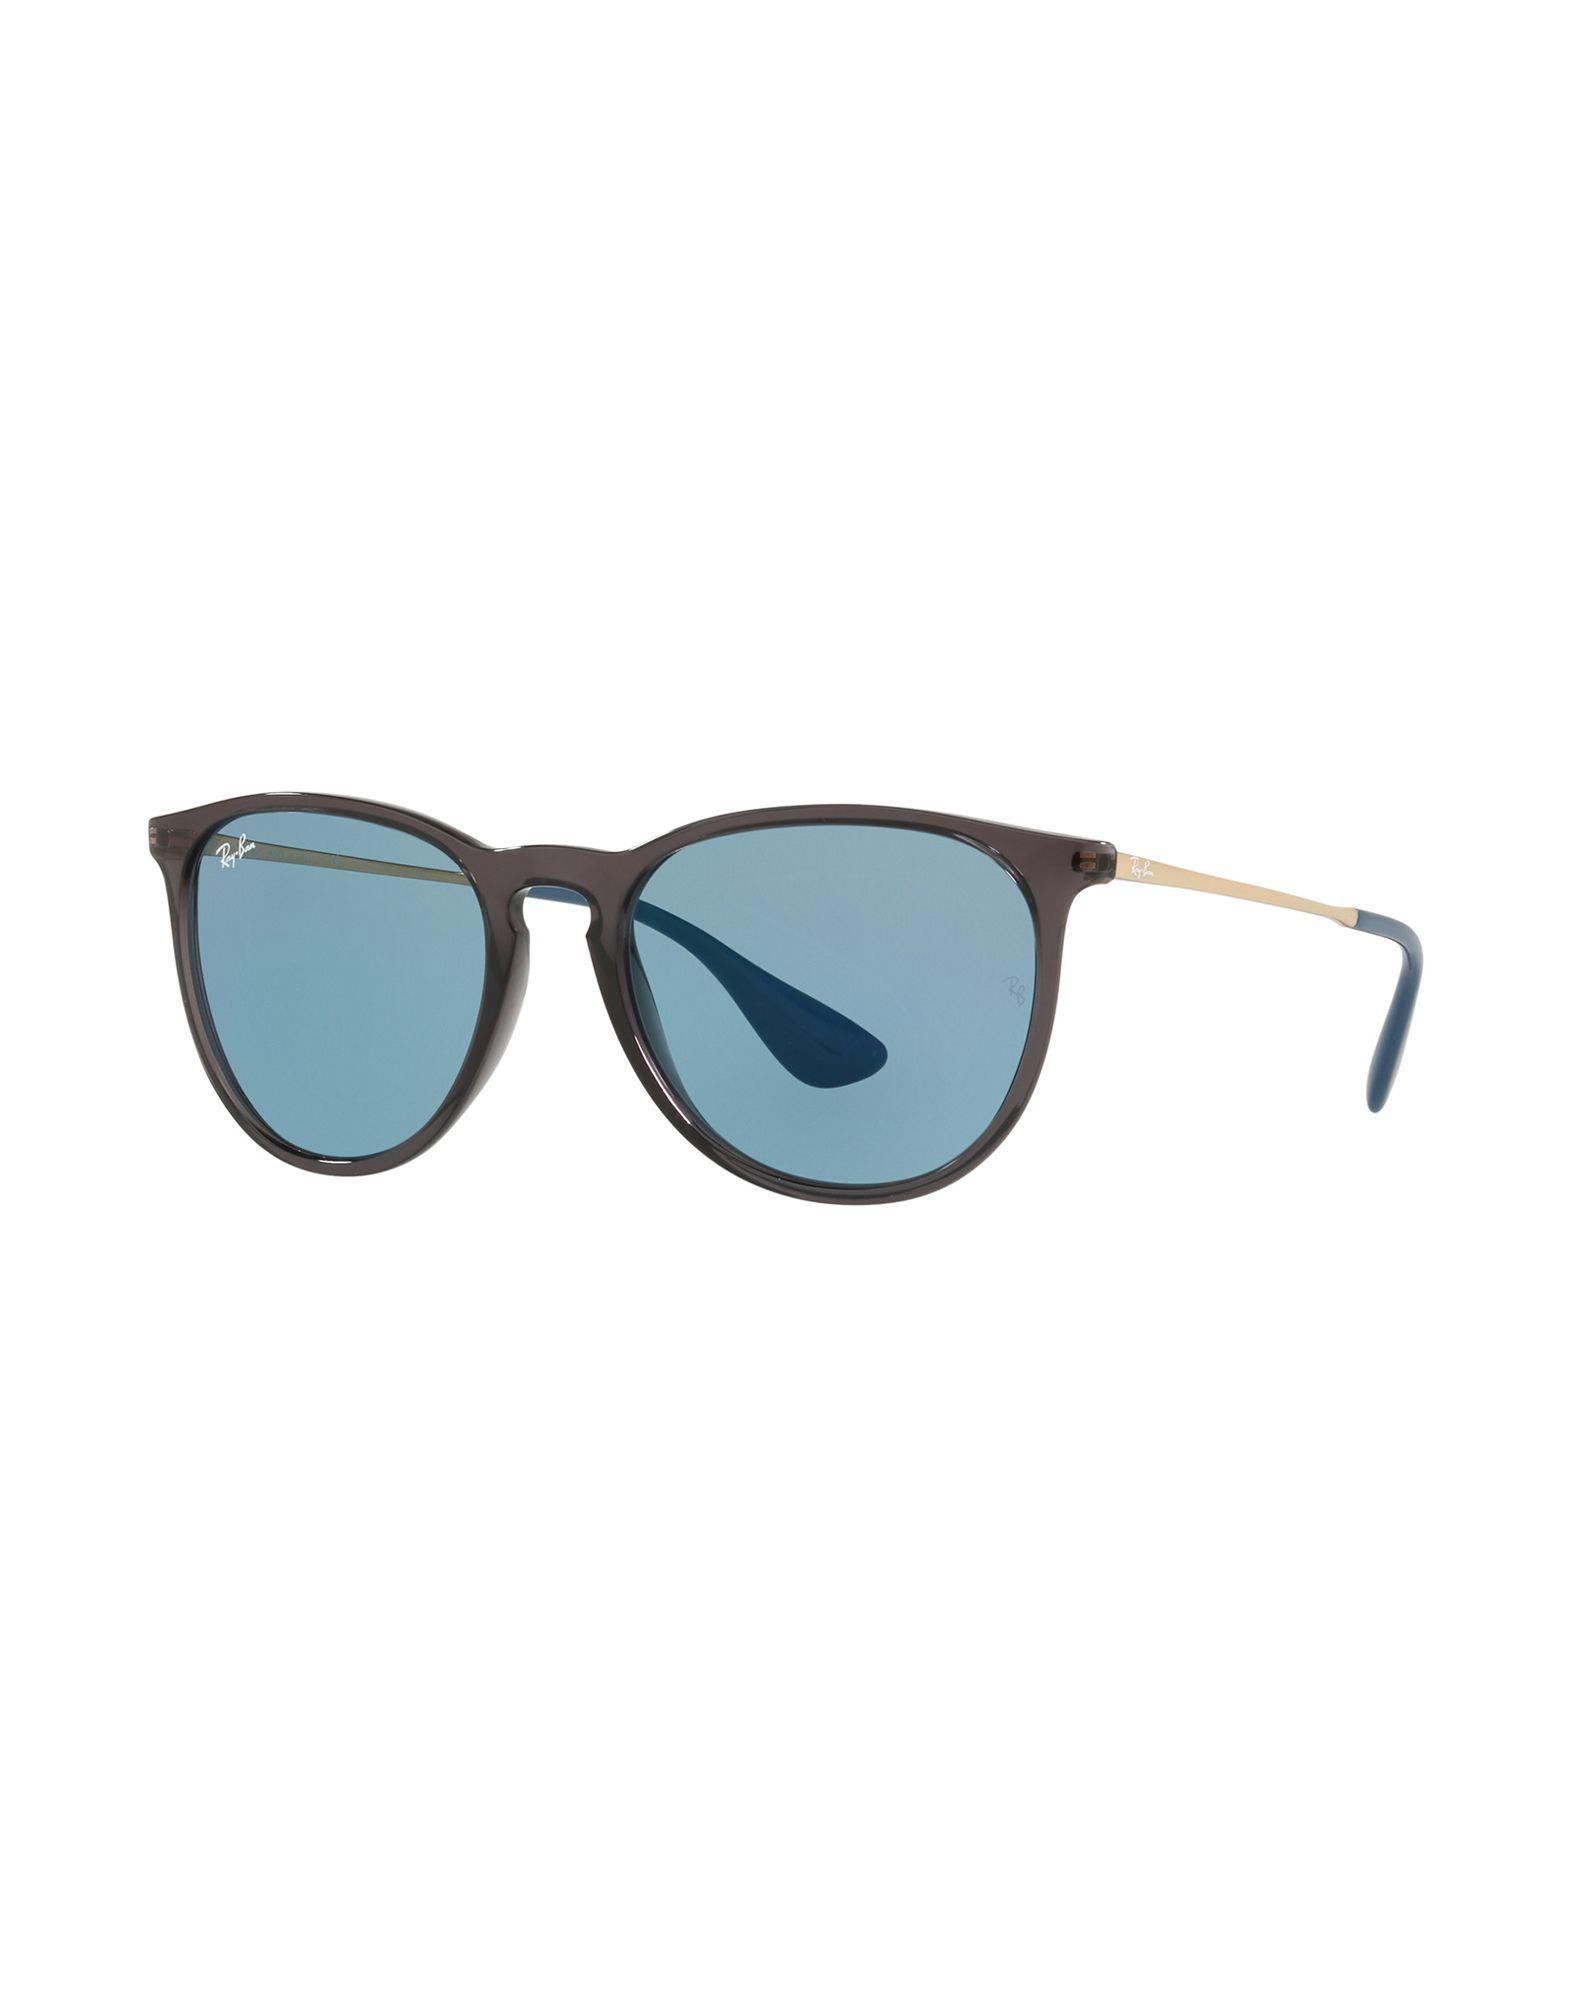 Lyst - Lunettes de soleil Ray-Ban pour homme en coloris Bleu 4103b864e433